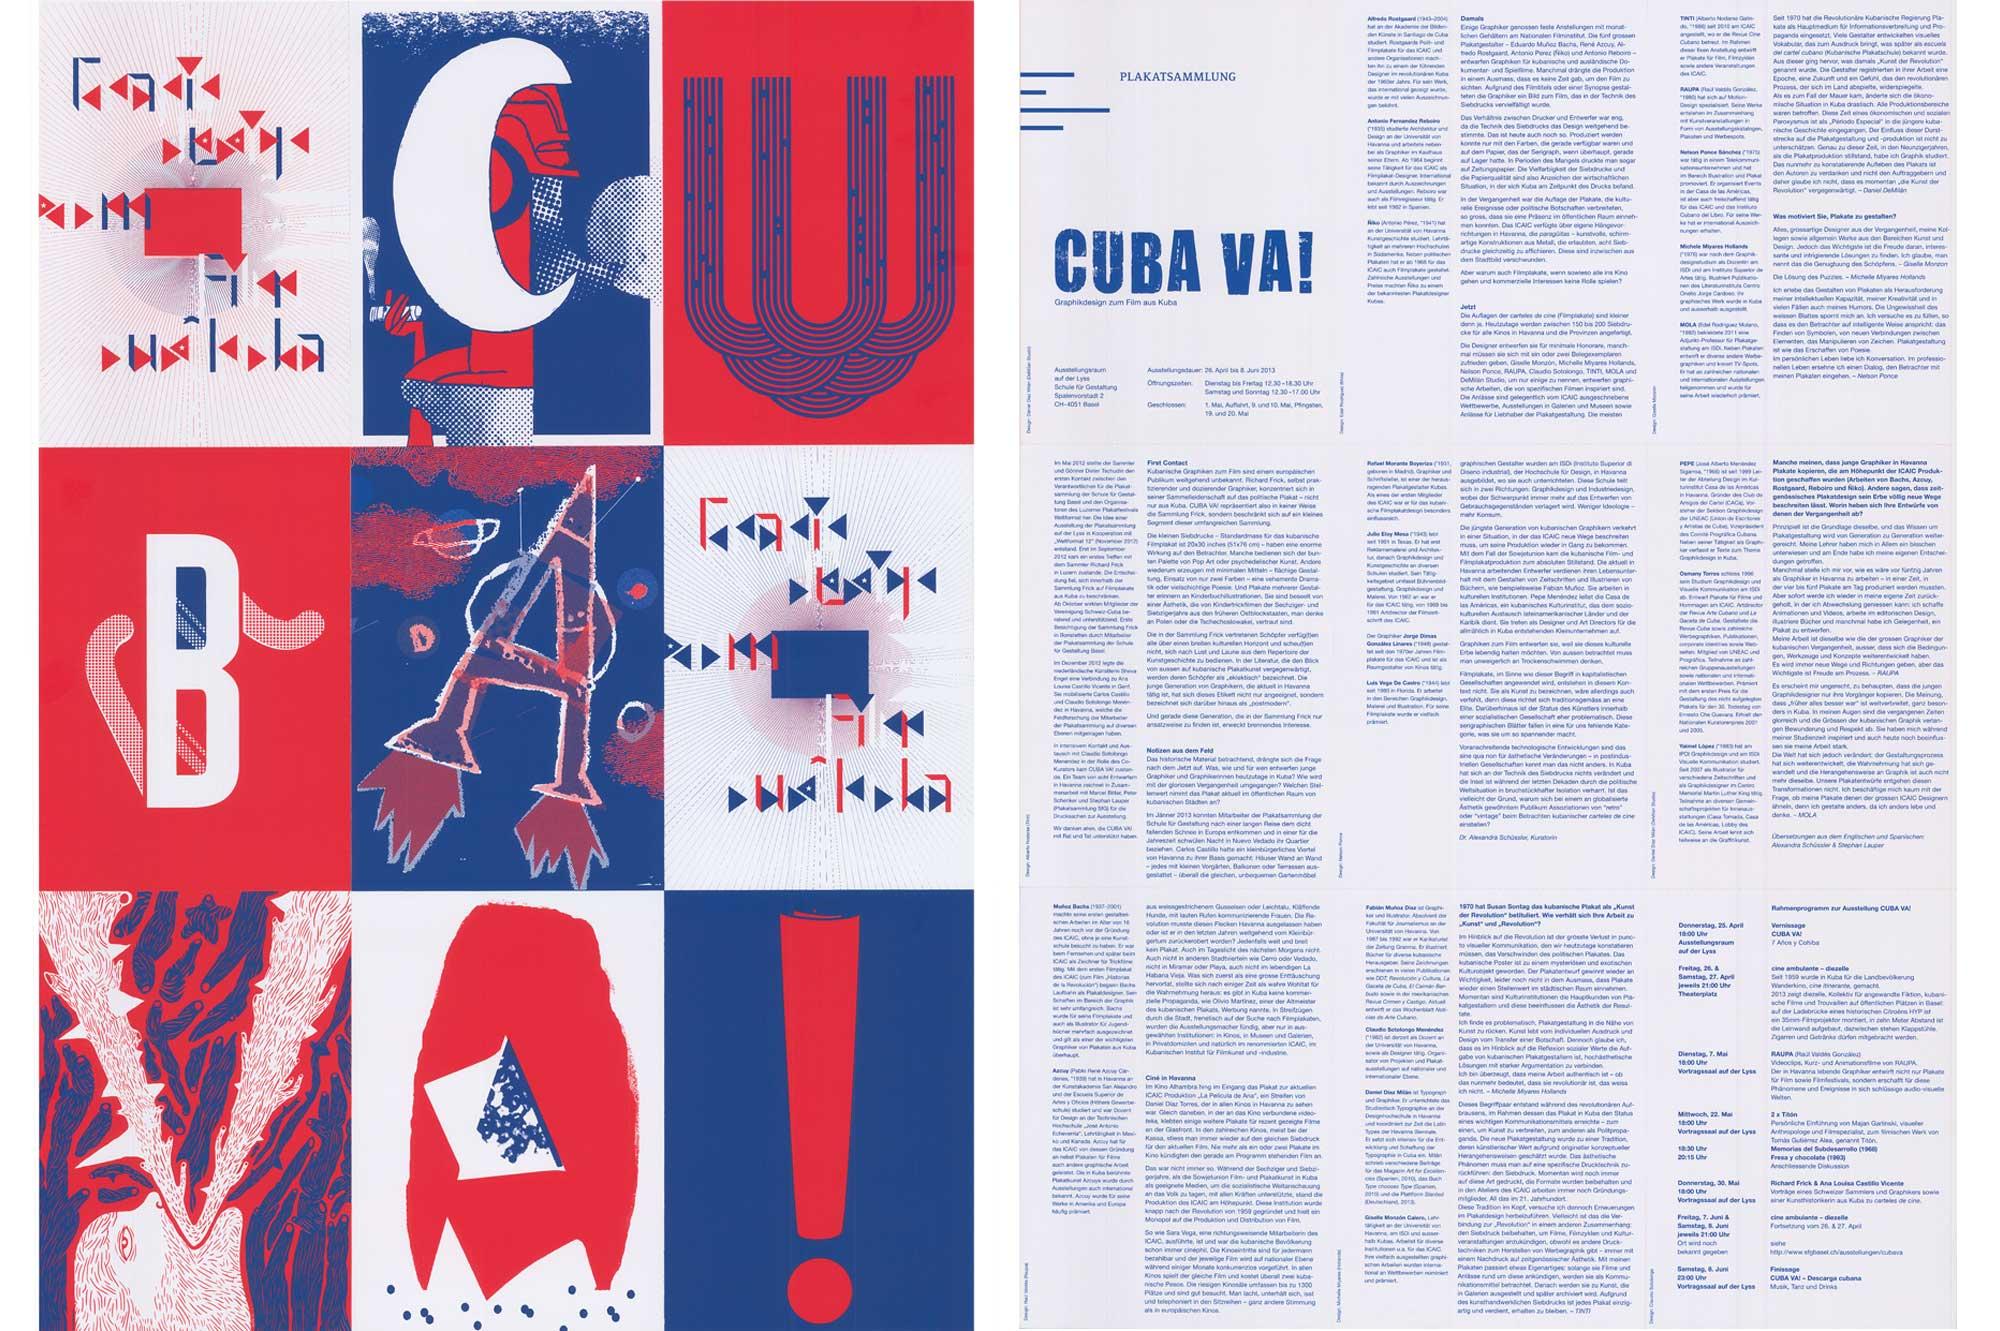 2013 cuba va web 10